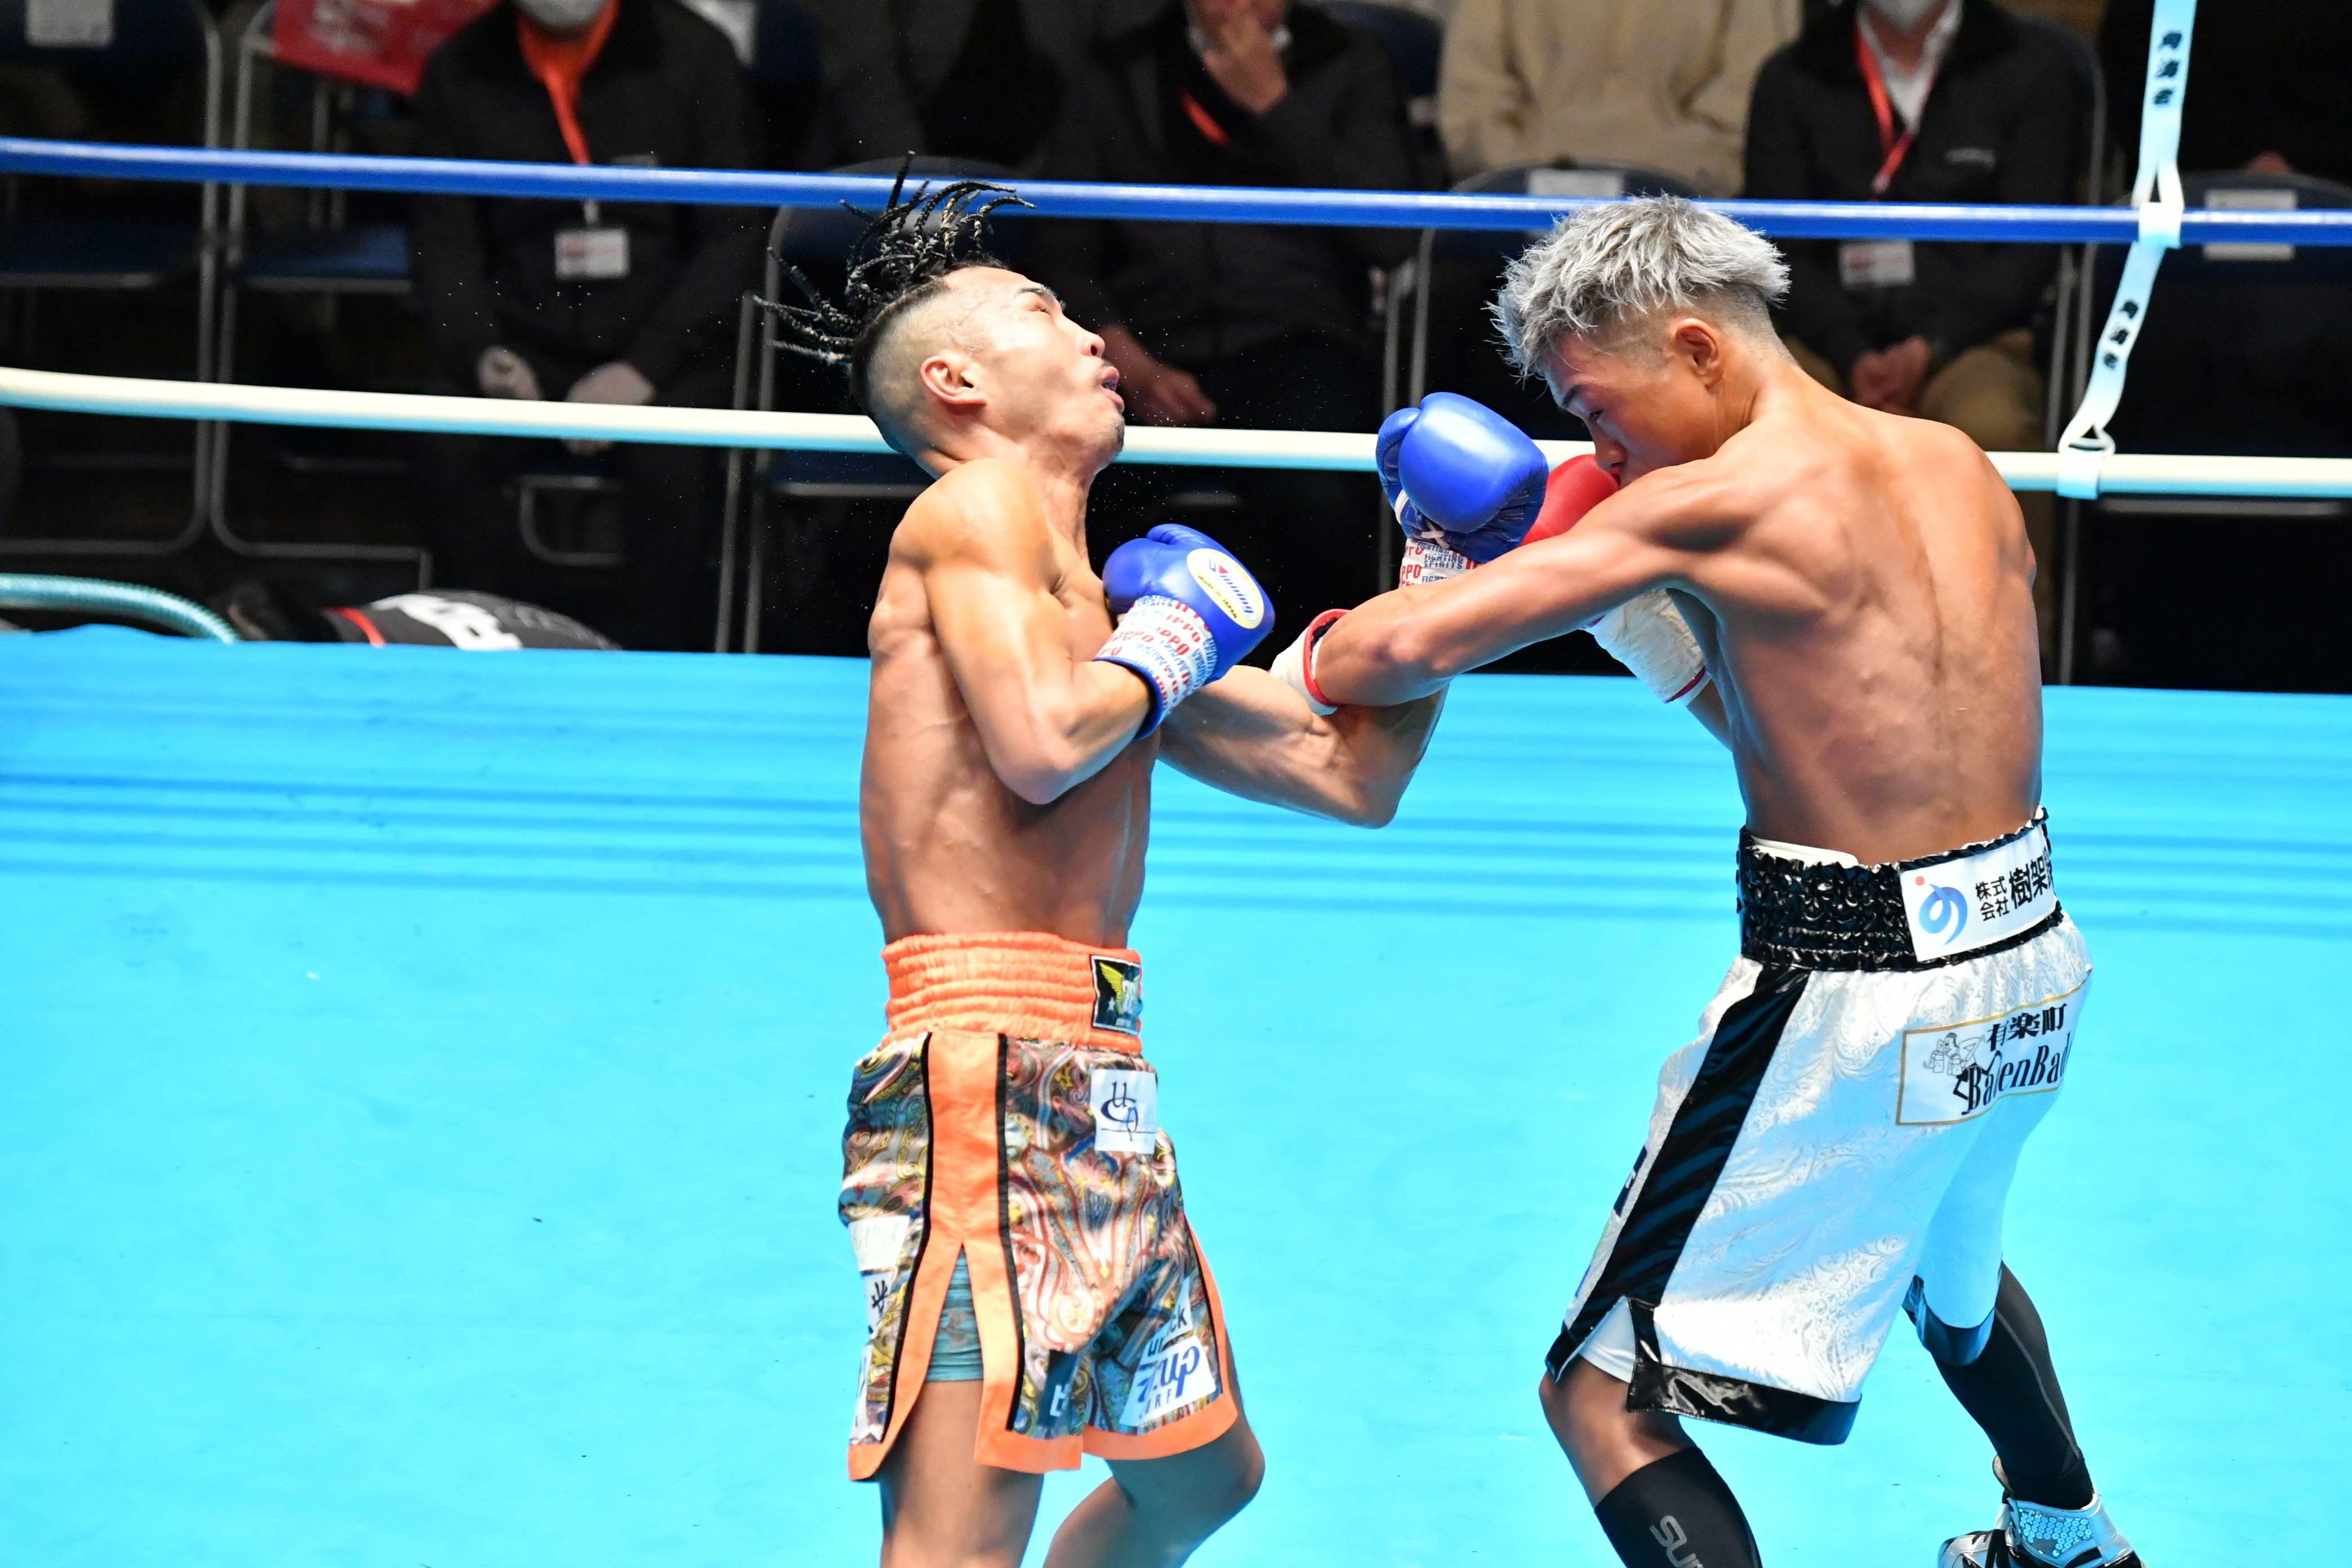 齊藤(右)の左フックがカウンターとなり、荒木はその場に崩れ落ちた